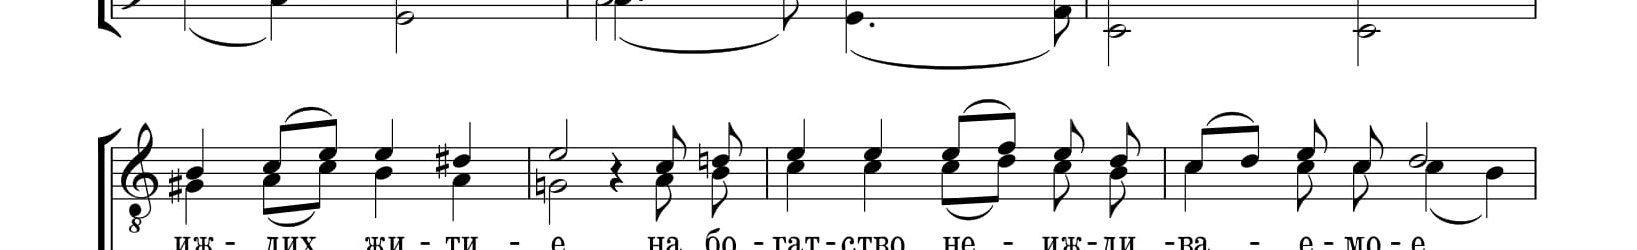 Объятия отча (гармонизация Гр. Львовского)